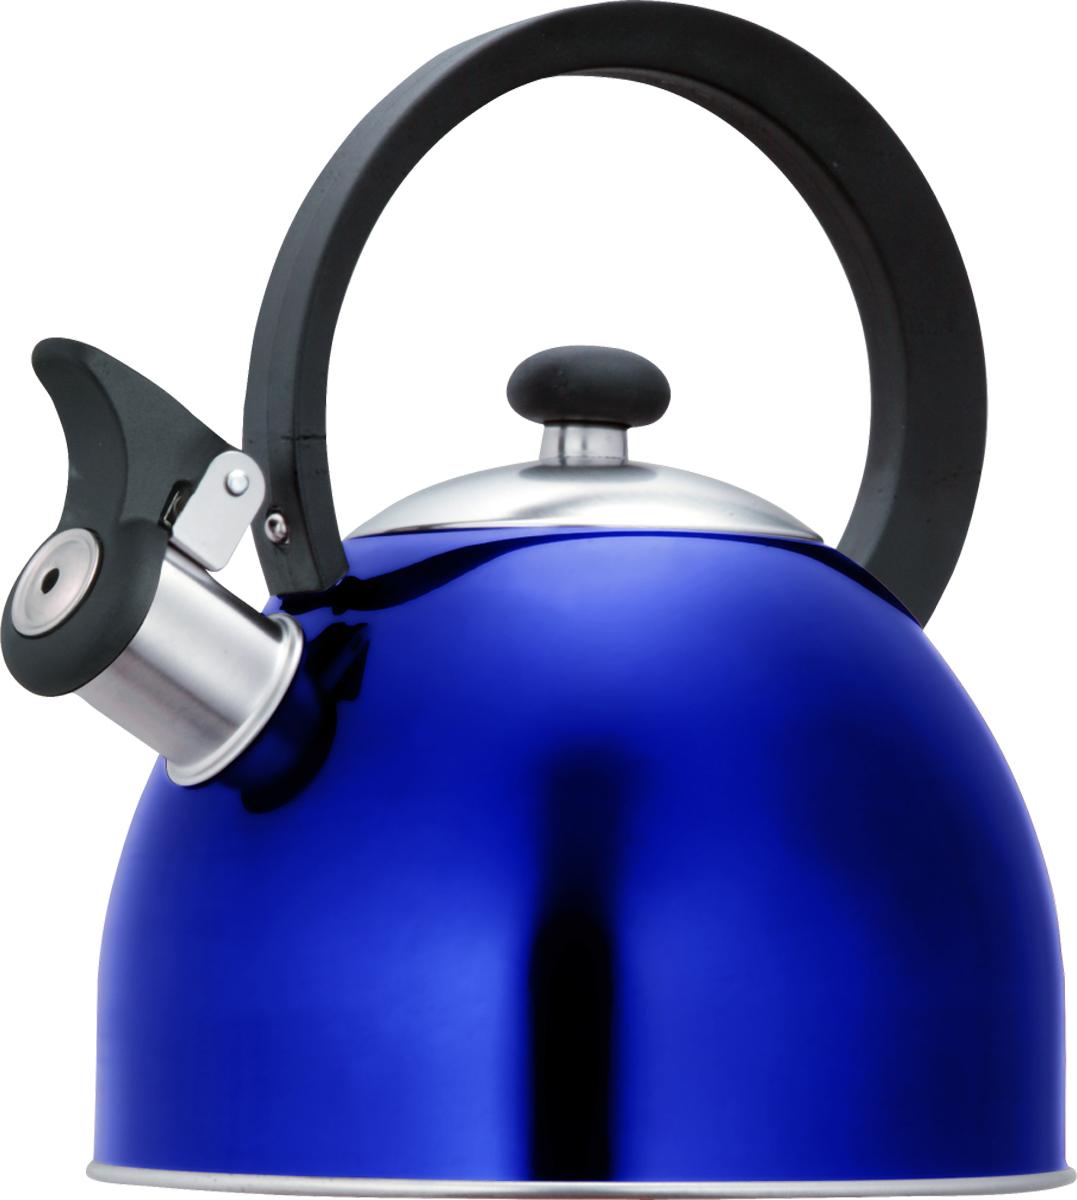 Чайник Lumme со свистком, цвет: синий, 1,8 л54 009312Чайник в корпусе из высококачественной пищевой нержавеющей стали с термостойкой ненагревающейся ручкой и свистком, поднимающимся с помощью рычажка.Высококачественная нержавеющая сталь не имеет запаха, не выделяет примесей и сохраняет все природные натуральные свойства воды.Свисток на носике чайника - привычный элемент комфорта и безопасности, потому что своевременный сигнал о готовности кипятка сэкономит время и электроэнергию, вода никогда не выкипит полностью, и чайник прослужит очень долго.Оригинальный механизм поднятия свистка с помощью рычажка добавляет чайнику индивидуальности, он необычайно комфортен в использовании и может стать хорошим подарком для близких.Чайник из нержавеющей стали подходит для всех видов плит, кроме индукционных: электрических, стеклокерамических, галогенных, газовых.